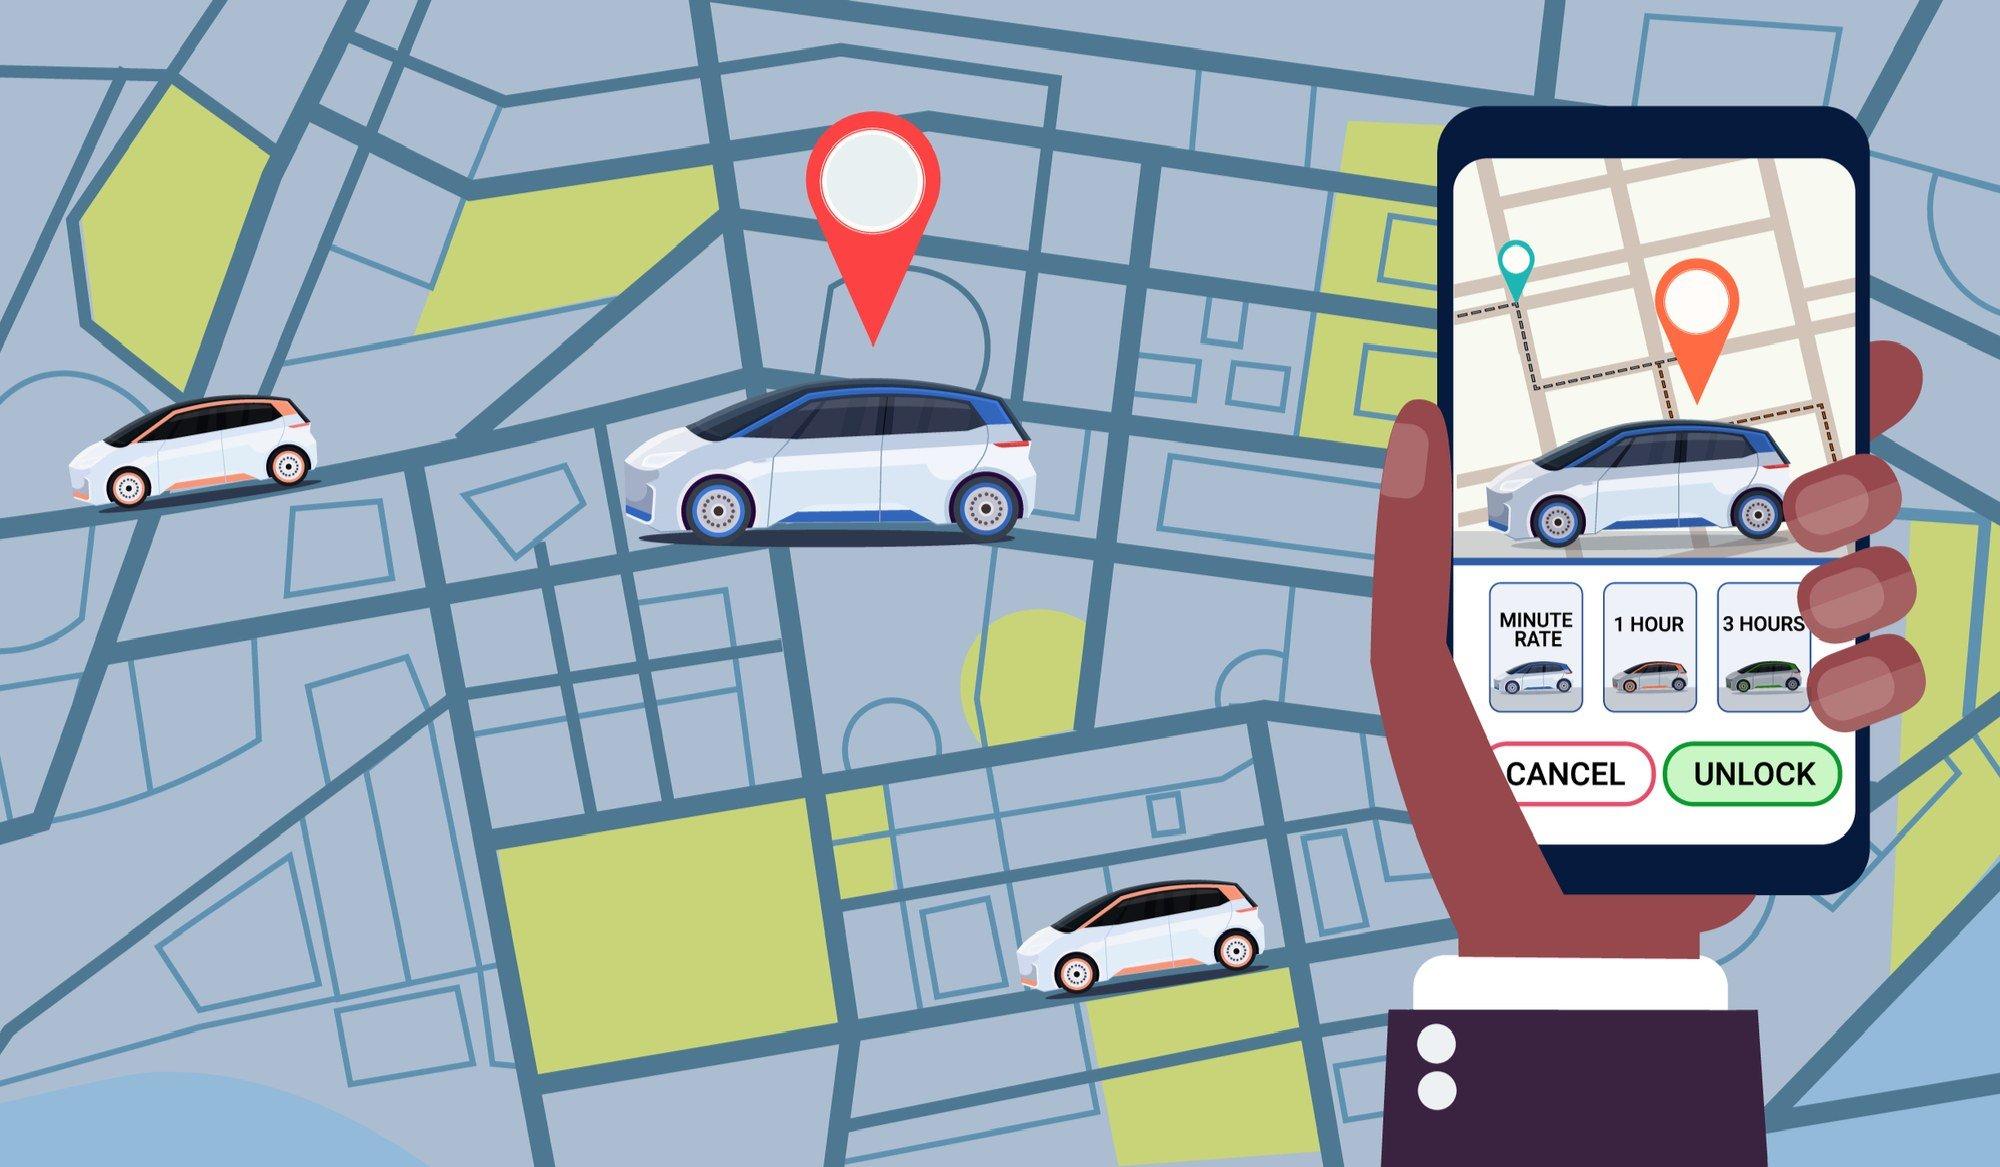 Suivi de flotte : pourquoi mettre en place une solution de géolocalisation de véhicules ?